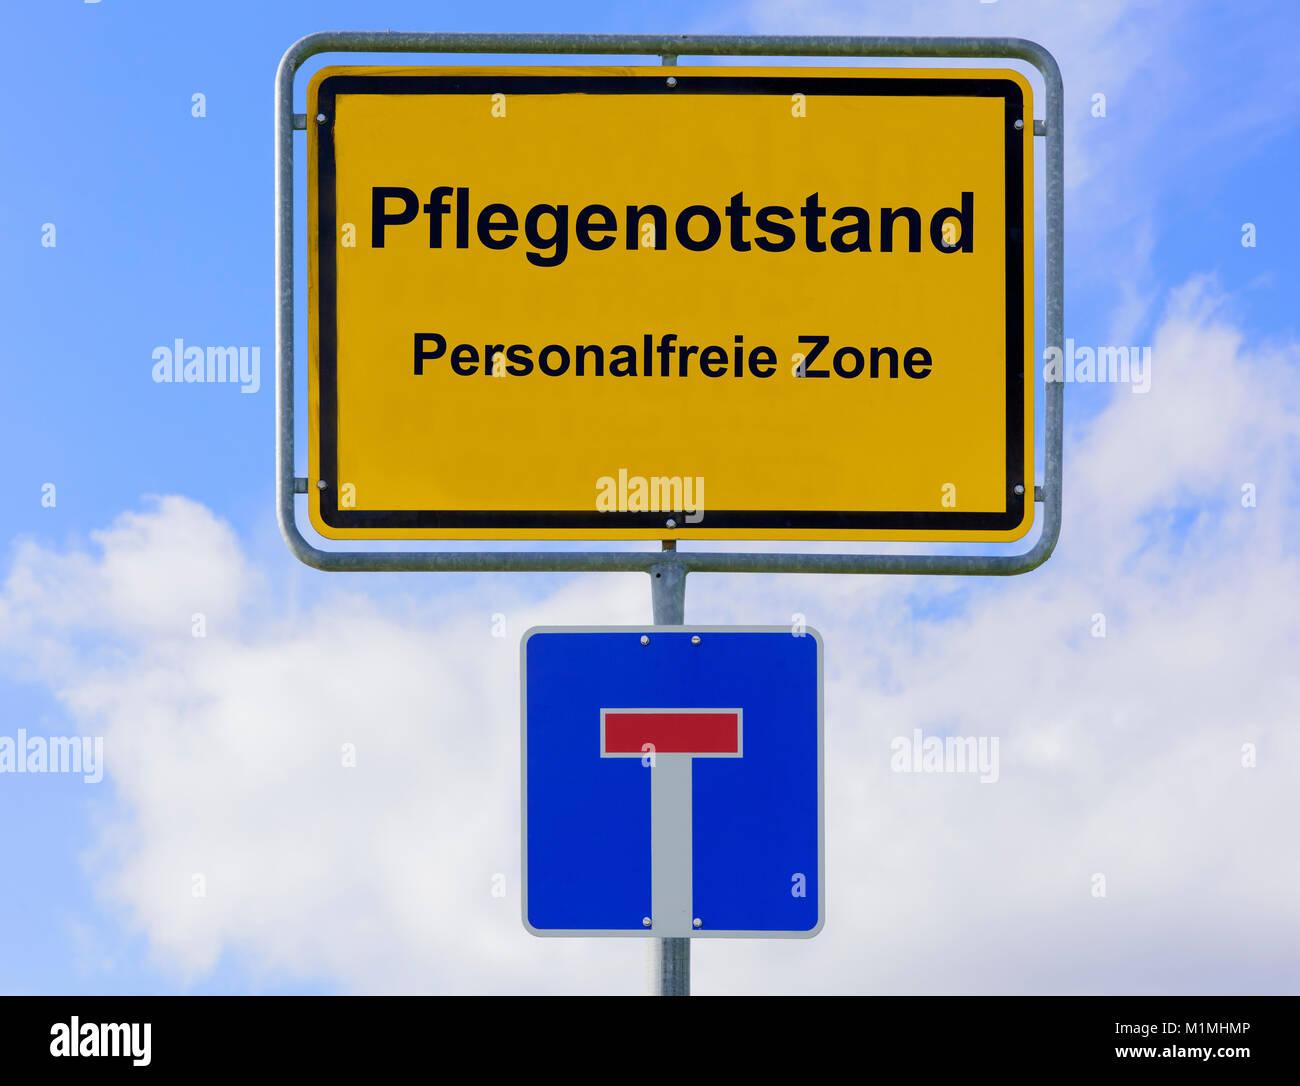 Pflegenotstand in personalfreier Zone auf Ortsschild - Stock Image